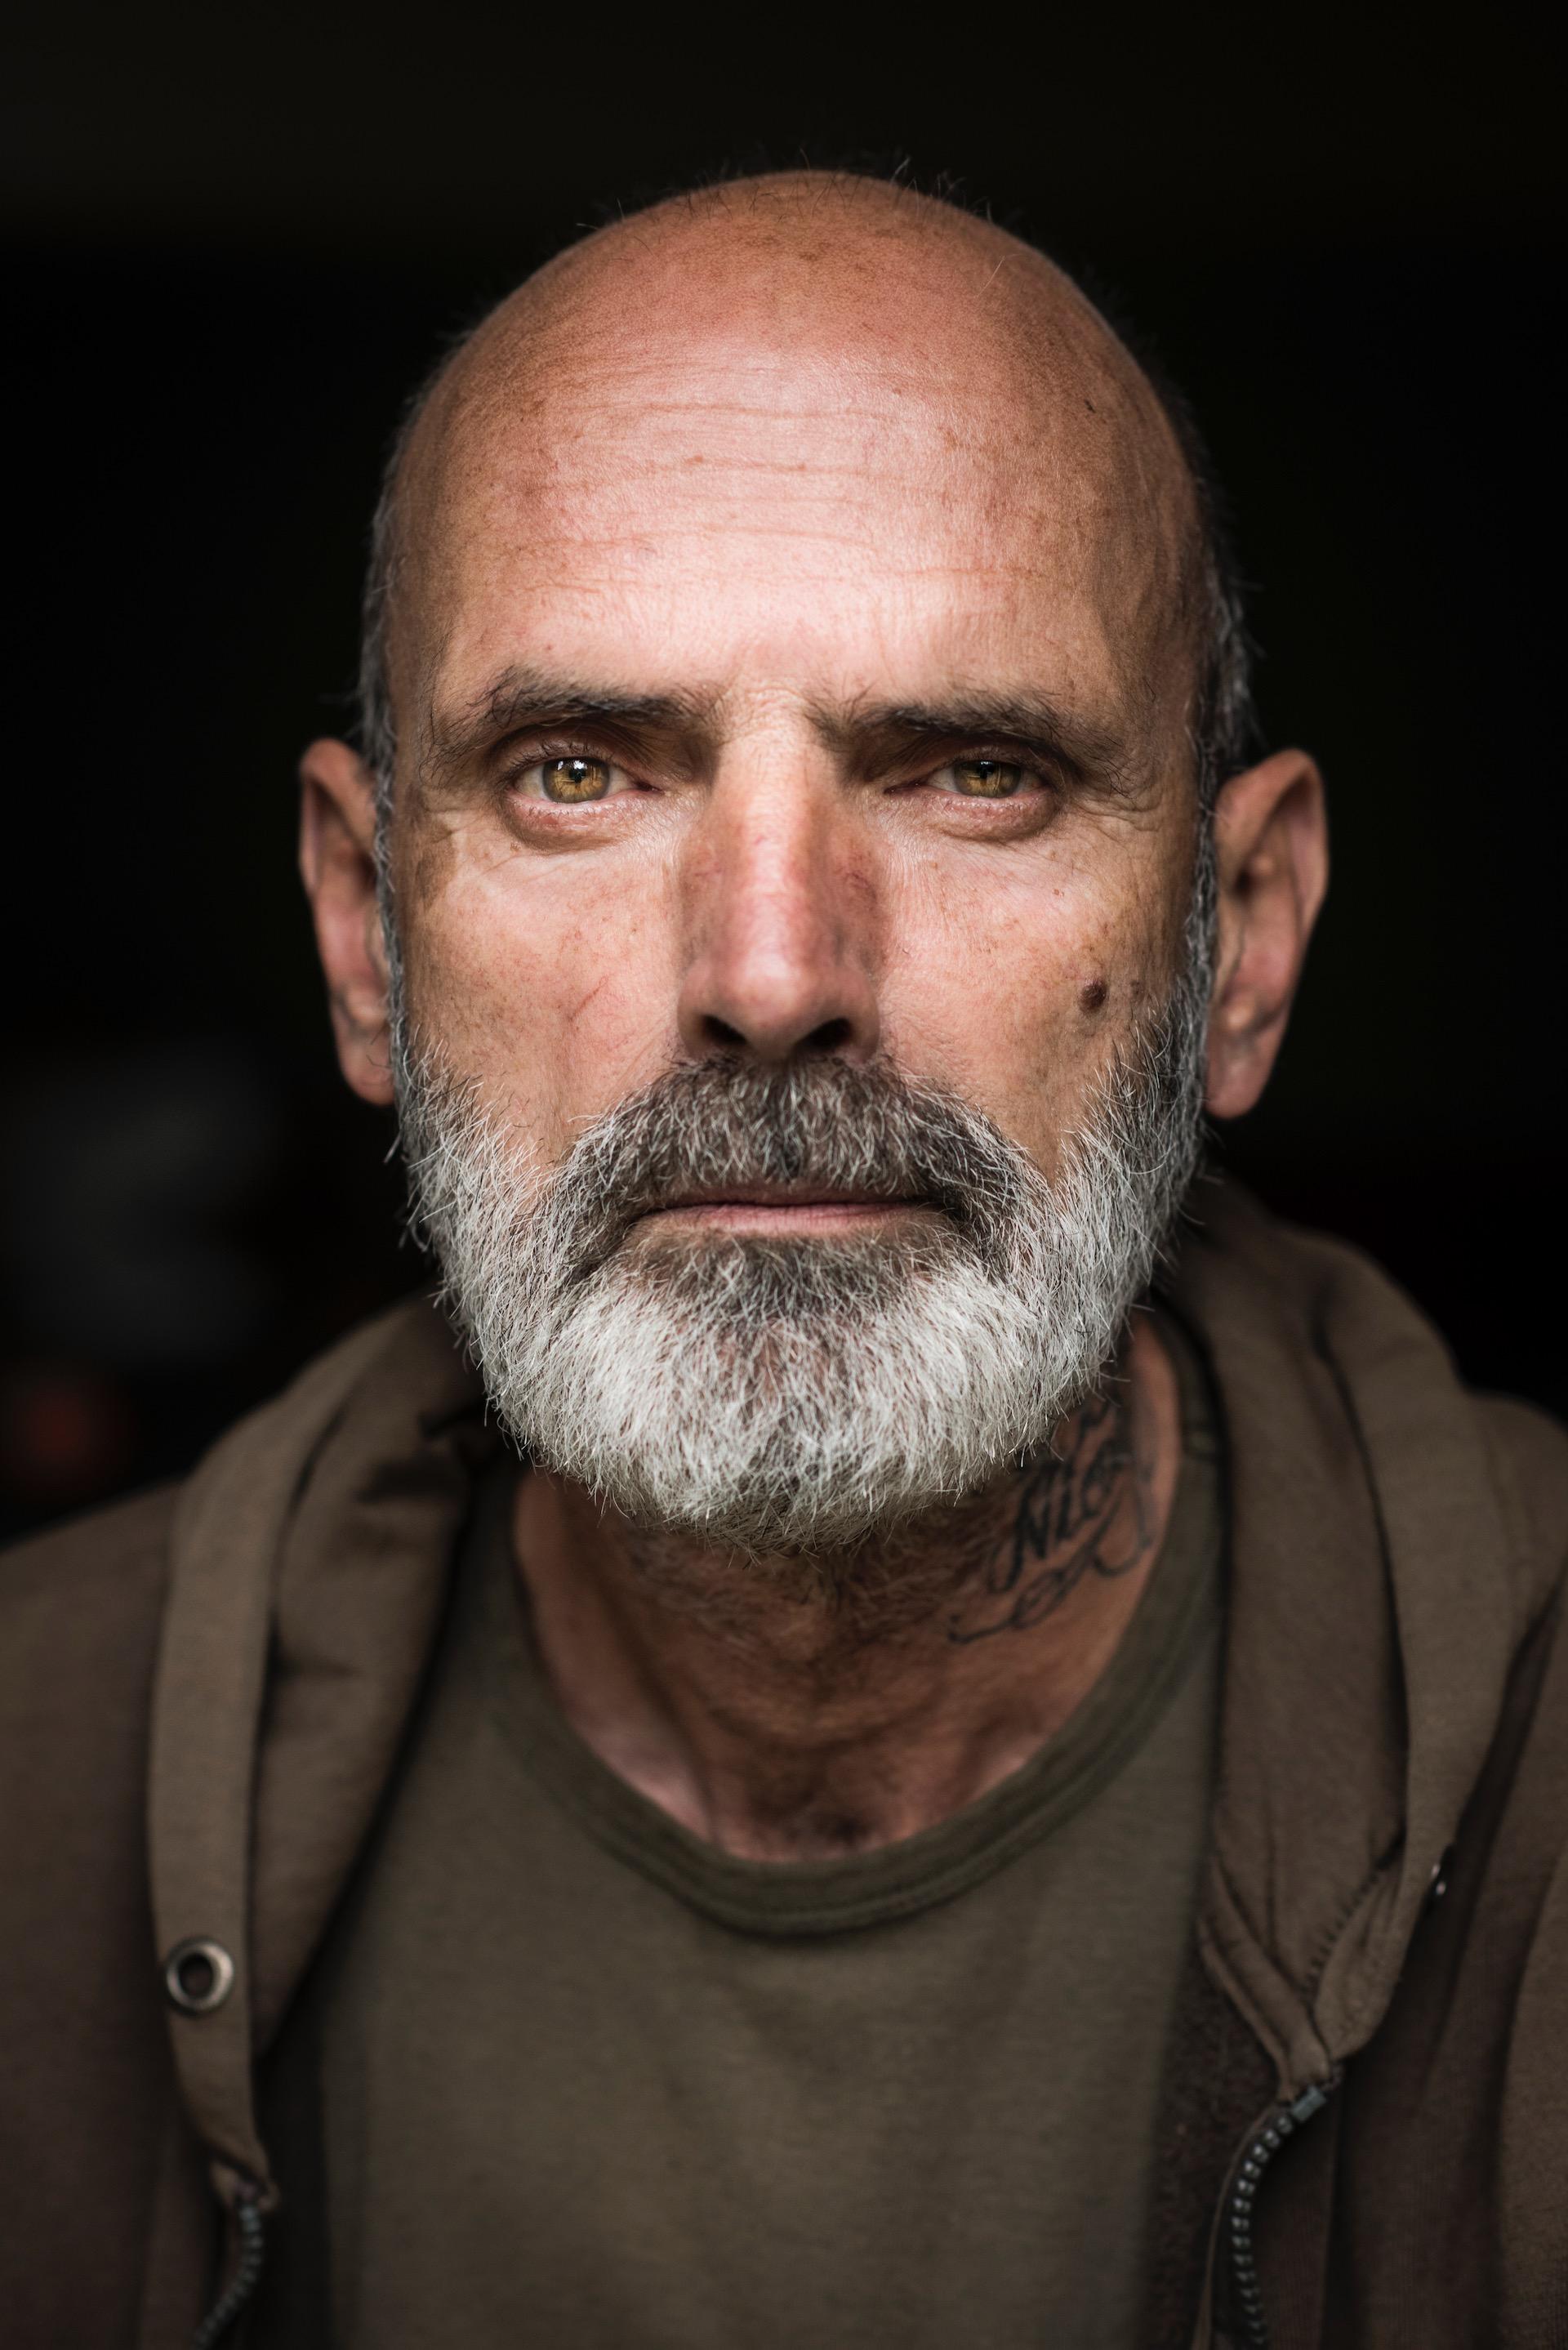 Rob is een veteraan, woonachtig op Thuisbasis Veteranen, een opvanghuis voor militairen die de oorlog niet meer uit hun hoofd krijgen.De veteranen daar kwamen ze in dit opvanghuis terecht in een crisissituatie. Ze deden een zelfmoordpoging, pleegden een geweldsmisdrijf of raakten dakloos. Door defensie voelden ze zich in de steek gelaten. Ze konden nergens meer heen, behalve hier, tussen hun lotgenoten.   Voordat Rob hier kwam, leefde hij in zijn eentje afgezonderd in zijn tentje in de Nederlandse bossen. Soms sliep hij in schuren, in struiken, in verlaten gebouwen. Hij kwam alleen met mensen in aanraking in coffeeshops, waar hij wiet haalde om alles in zichzelf te verdoven - een bestaan dat hij moeiteloos volhield totdat de politie zijn tent in beslag nam, omdat wildkamperen in Nederland nu eenmaal verboden is.   Rob gedraagt zich onopvallend, maar hij is een van de opvallendste mannen in dit huis. Zijn ongeschoren baard en tatoeages geven hem een ruwe uitstraling. Maar hij praat zacht en weloverwogen.    In 1995 werd hij als onderofficier uitgezonden naar Srebrenica. Hij zat in Dutchbat III, het bataljon dat machteloos moest toezien hoe de enclave viel die ze moesten beschermen. Luchtsteun kwam er nooit. Gevolg: een massamoord op achtduizend Moslims – de ergste genocide sinds de Tweede Wereldoorlog in Europa.   Rob weet het allemaal. De martelingen, de executies, de jongensbaby's die werden doodgestoken in de armen van hun moeders. De onmacht die hij voelde toen hij als militair zo slecht werd bewapend dat hij niet kon en mocht doen waarvoor hij was opgeleid. 'Het blijft me eeuwig achtervolgen', zegt hij. 'Ze noemen het ptss, ik noem het een moral injury.'   Hij vecht een 'war at home', oorlog in eigen land. Getraumatiseerde veteranen zijn in Nederland volgens hem veroordeeld tot een strijd. 'Je moet bewijzen dat er wat mis met je is, en dan ook nog eens dat het komt door wat je bij defensie hebt meegemaakt. Omdat veel gasten het faken, zijn ze bij defensie erg wa